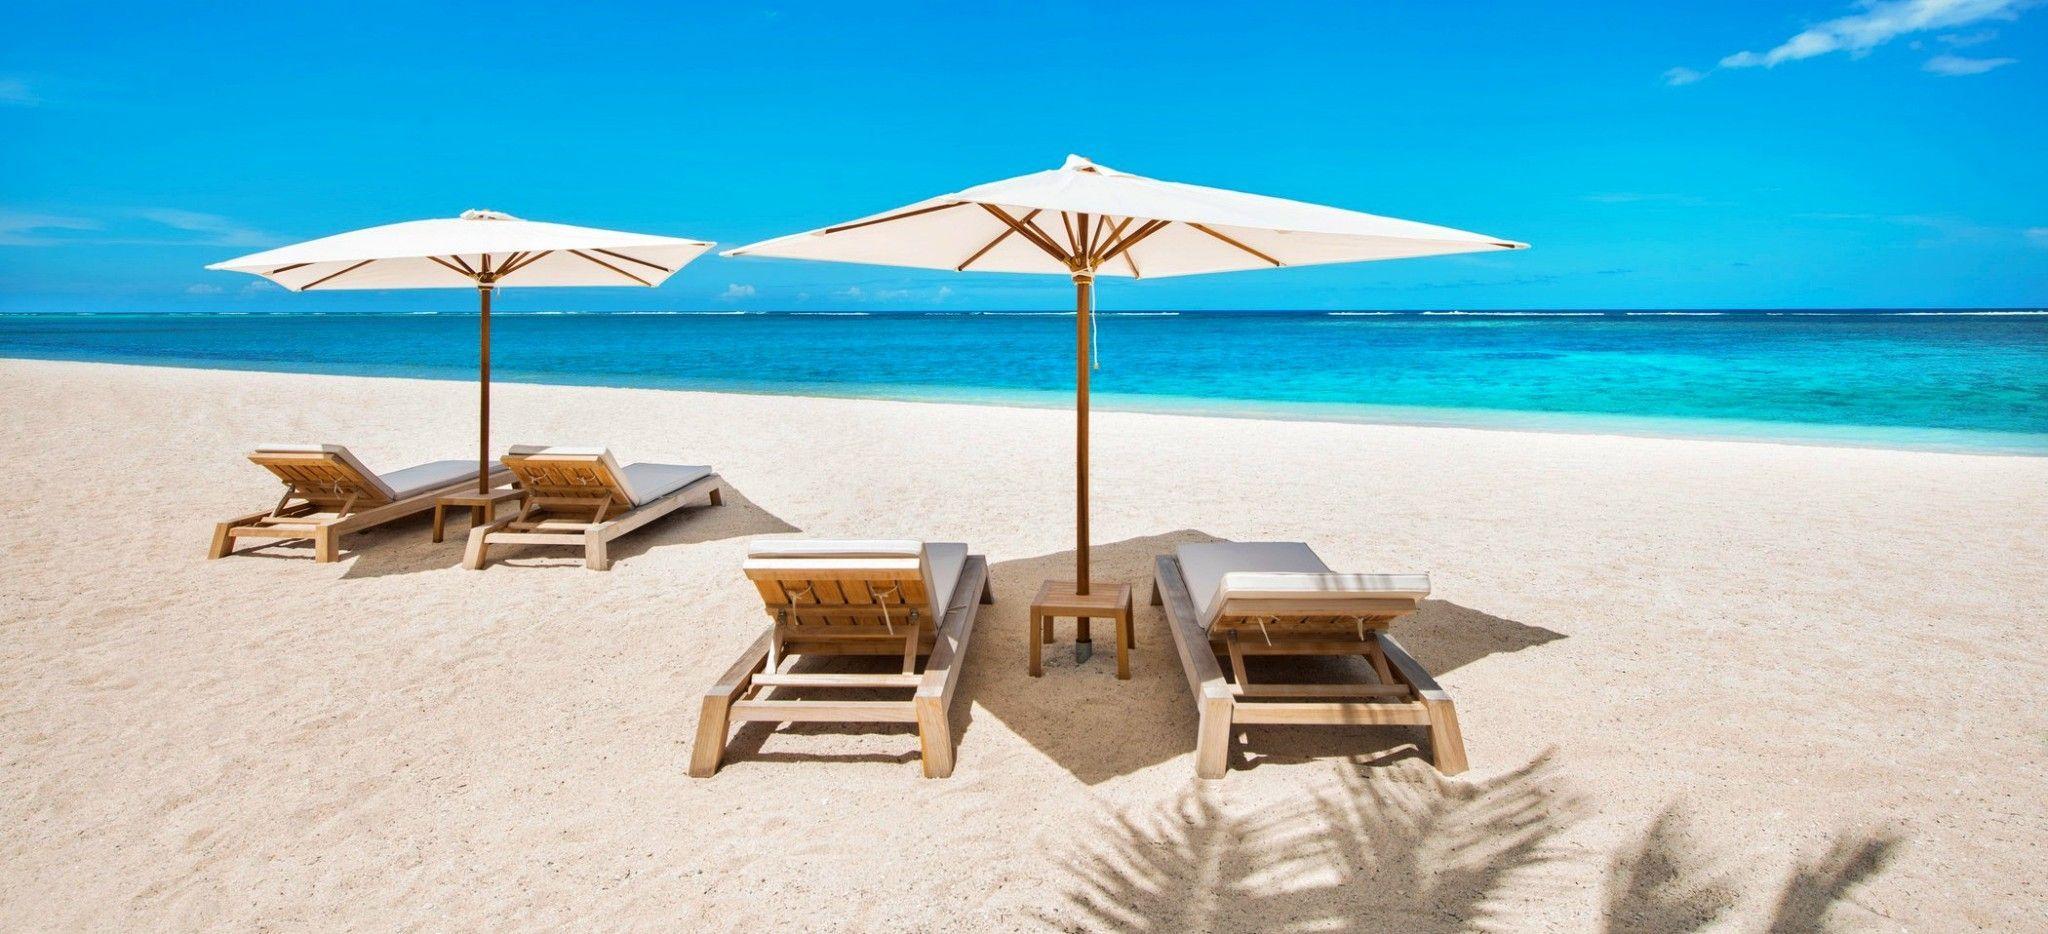 Zwei Sets Strandliegen mit Sonneschirmen am Strand auf Mauritius